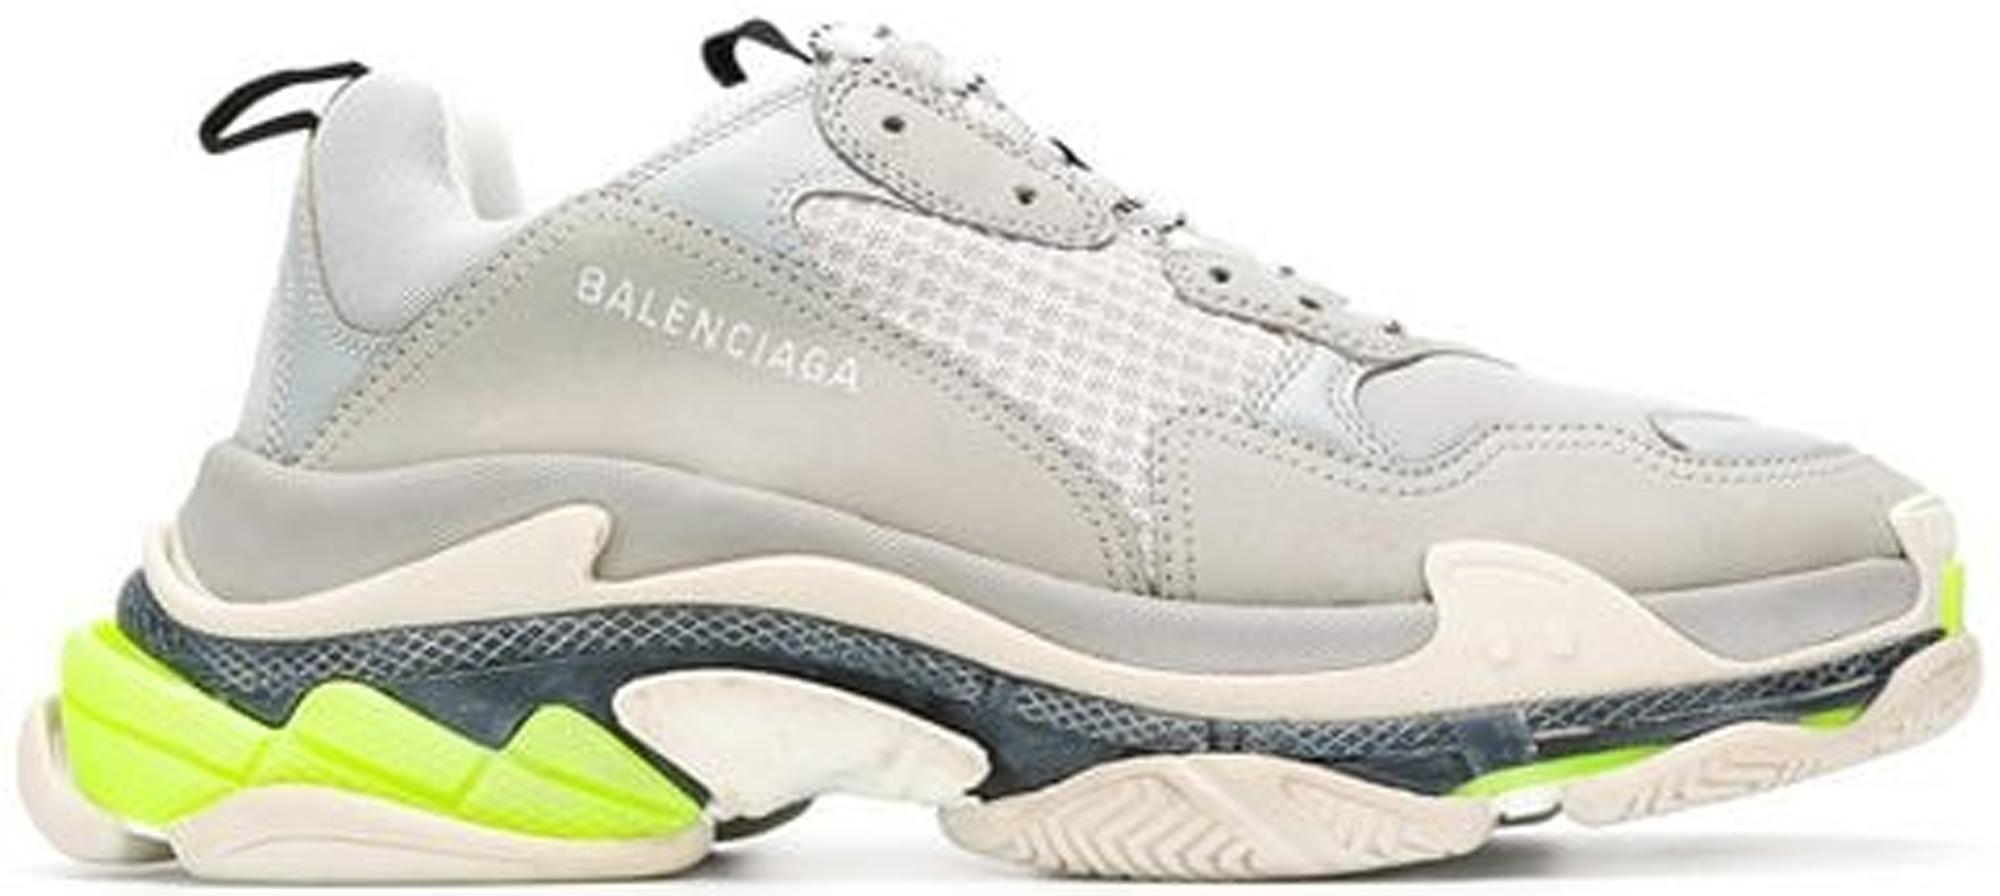 Balenciaga Triple S Grey Fluorescent